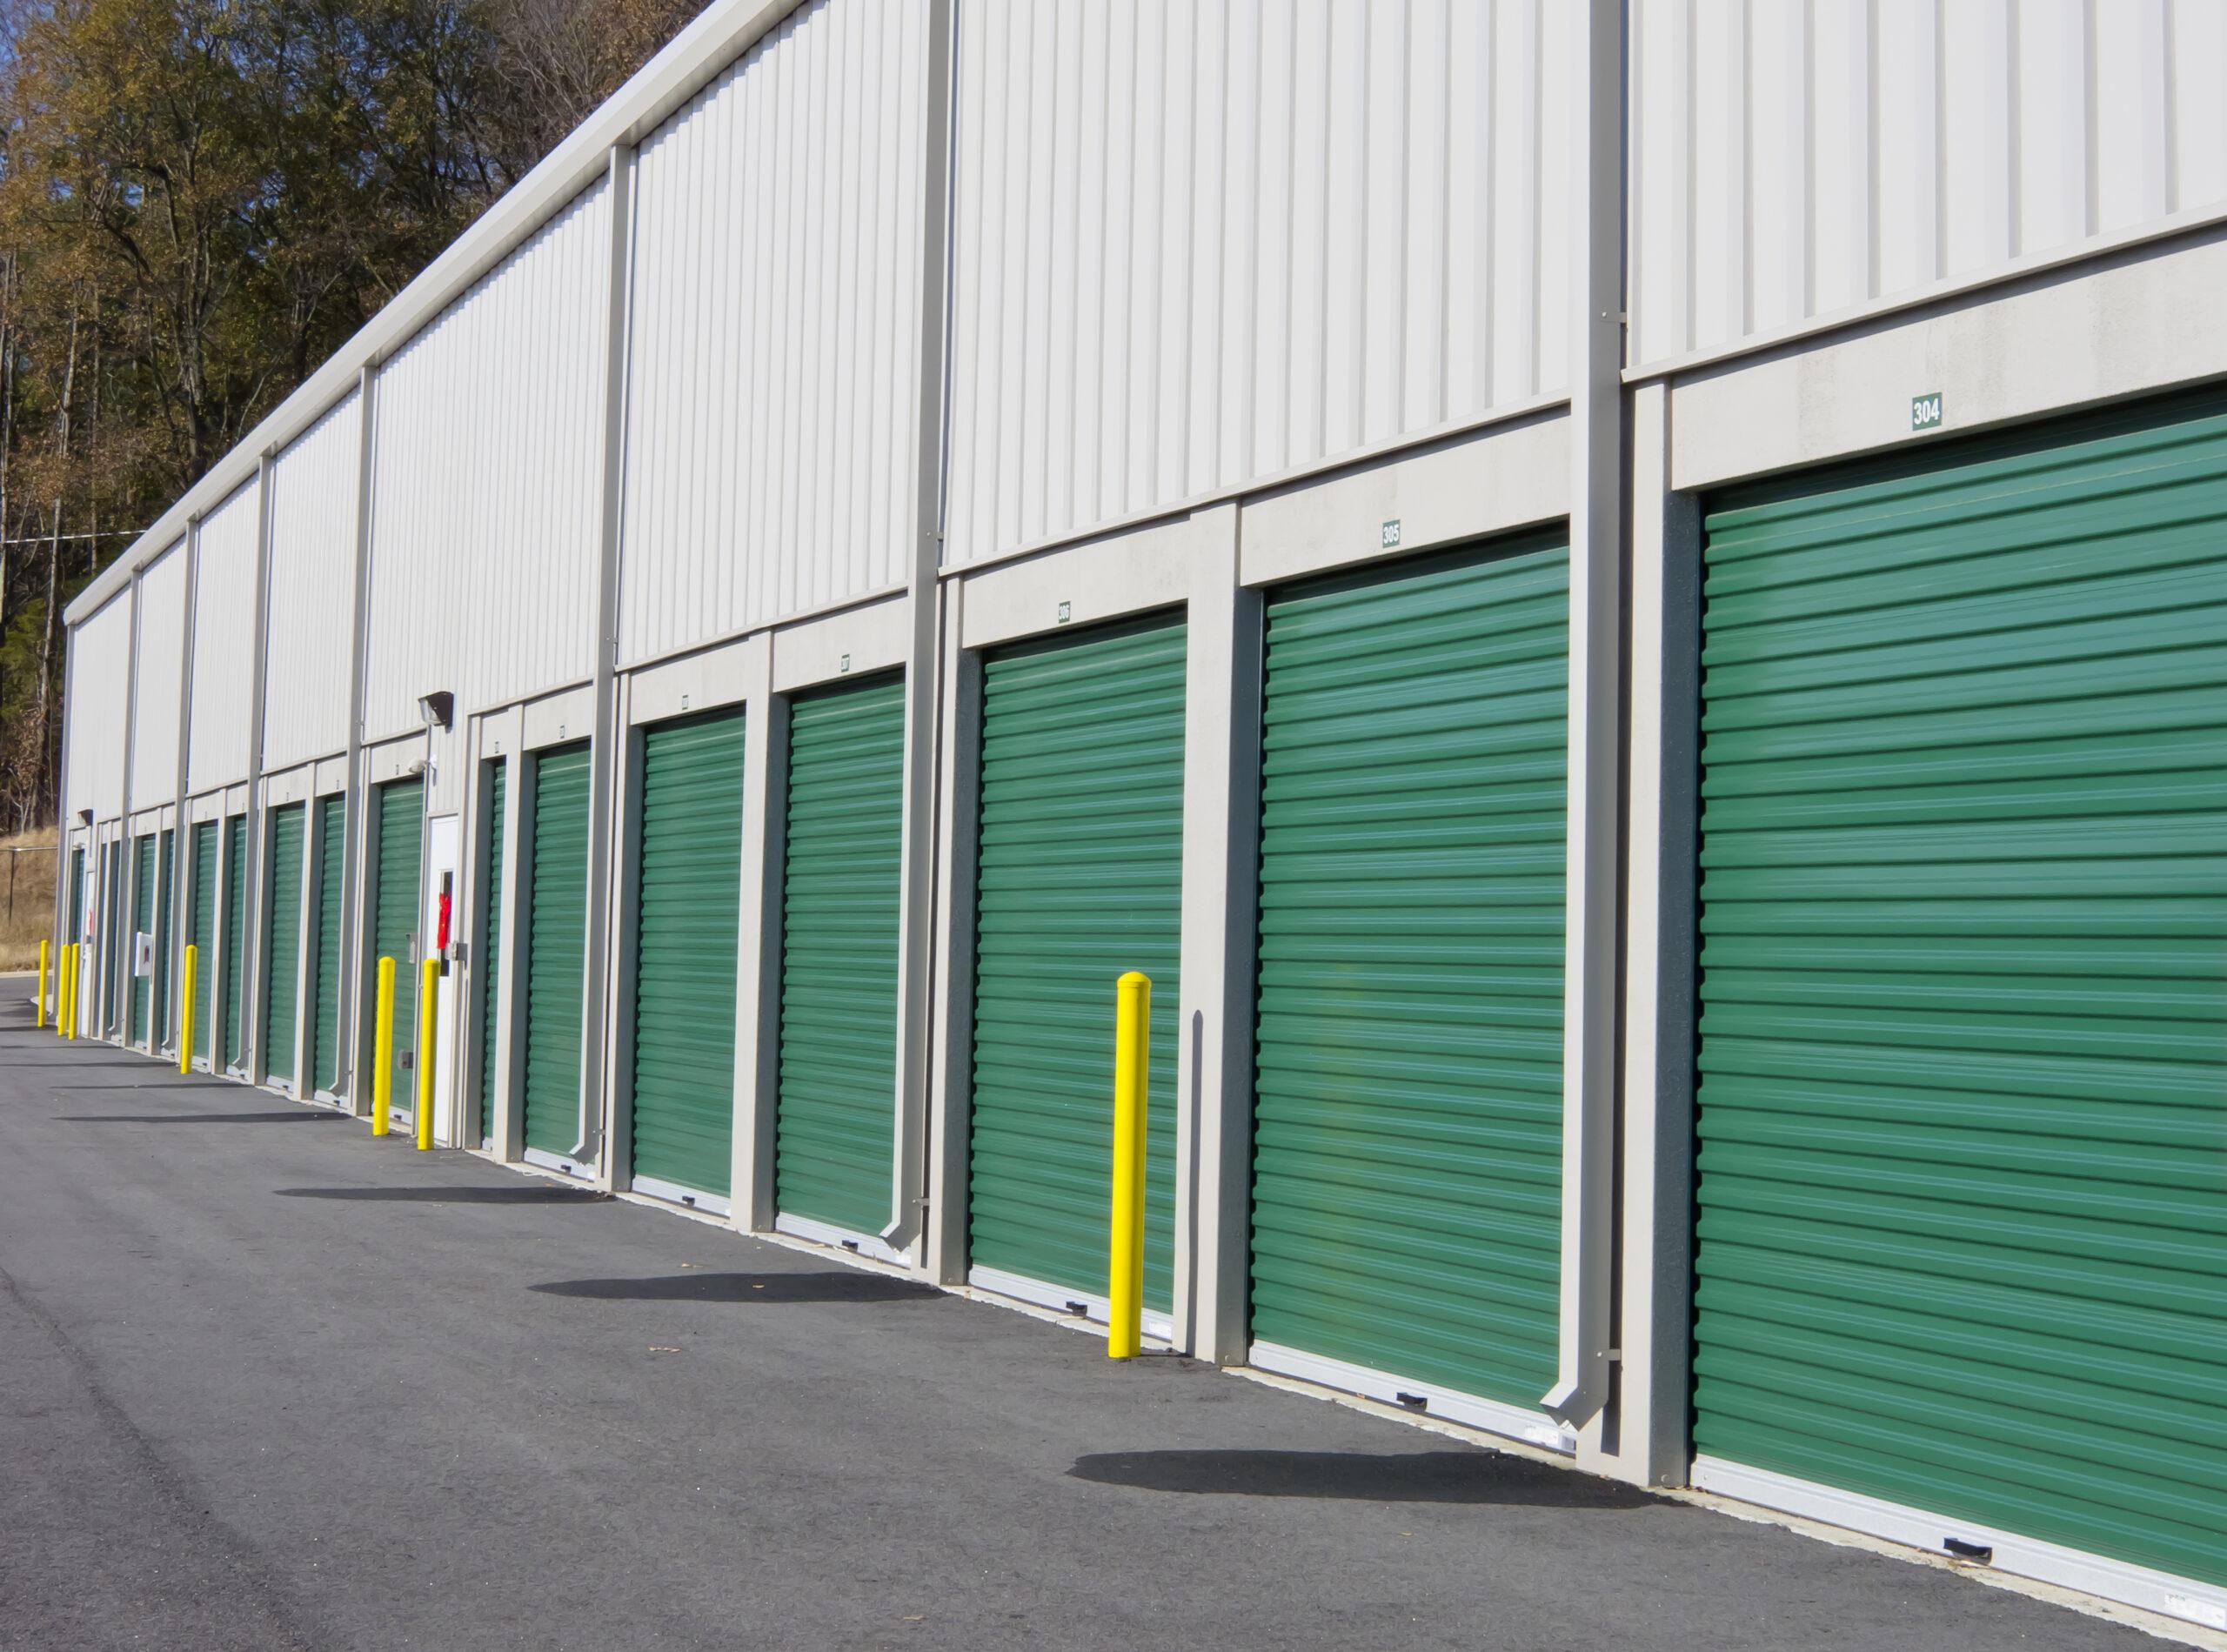 Row of outdoor green door self-storage units